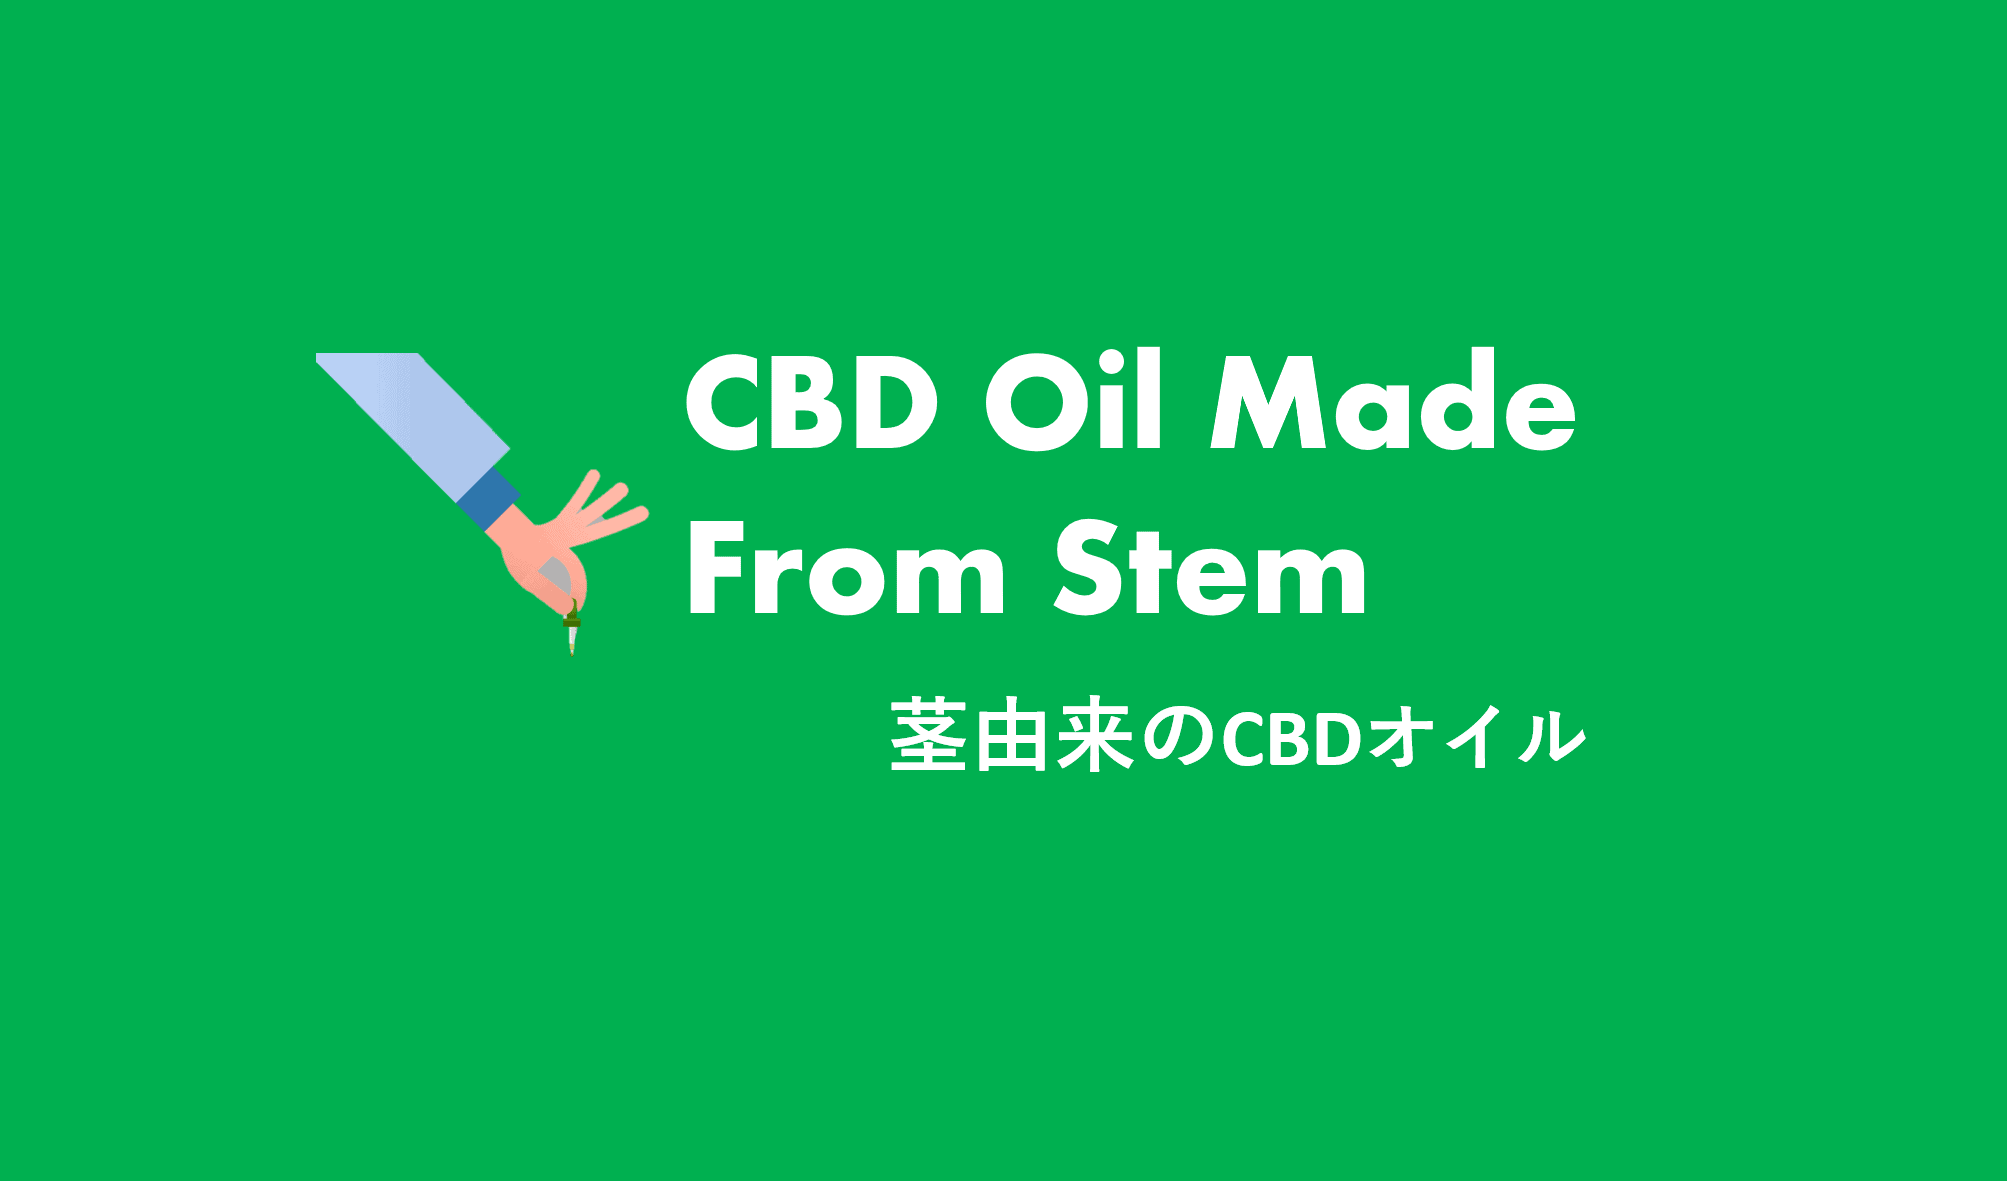 【3分で理解】CBDオイルは必ず茎から抽出じゃないと駄目なワケ